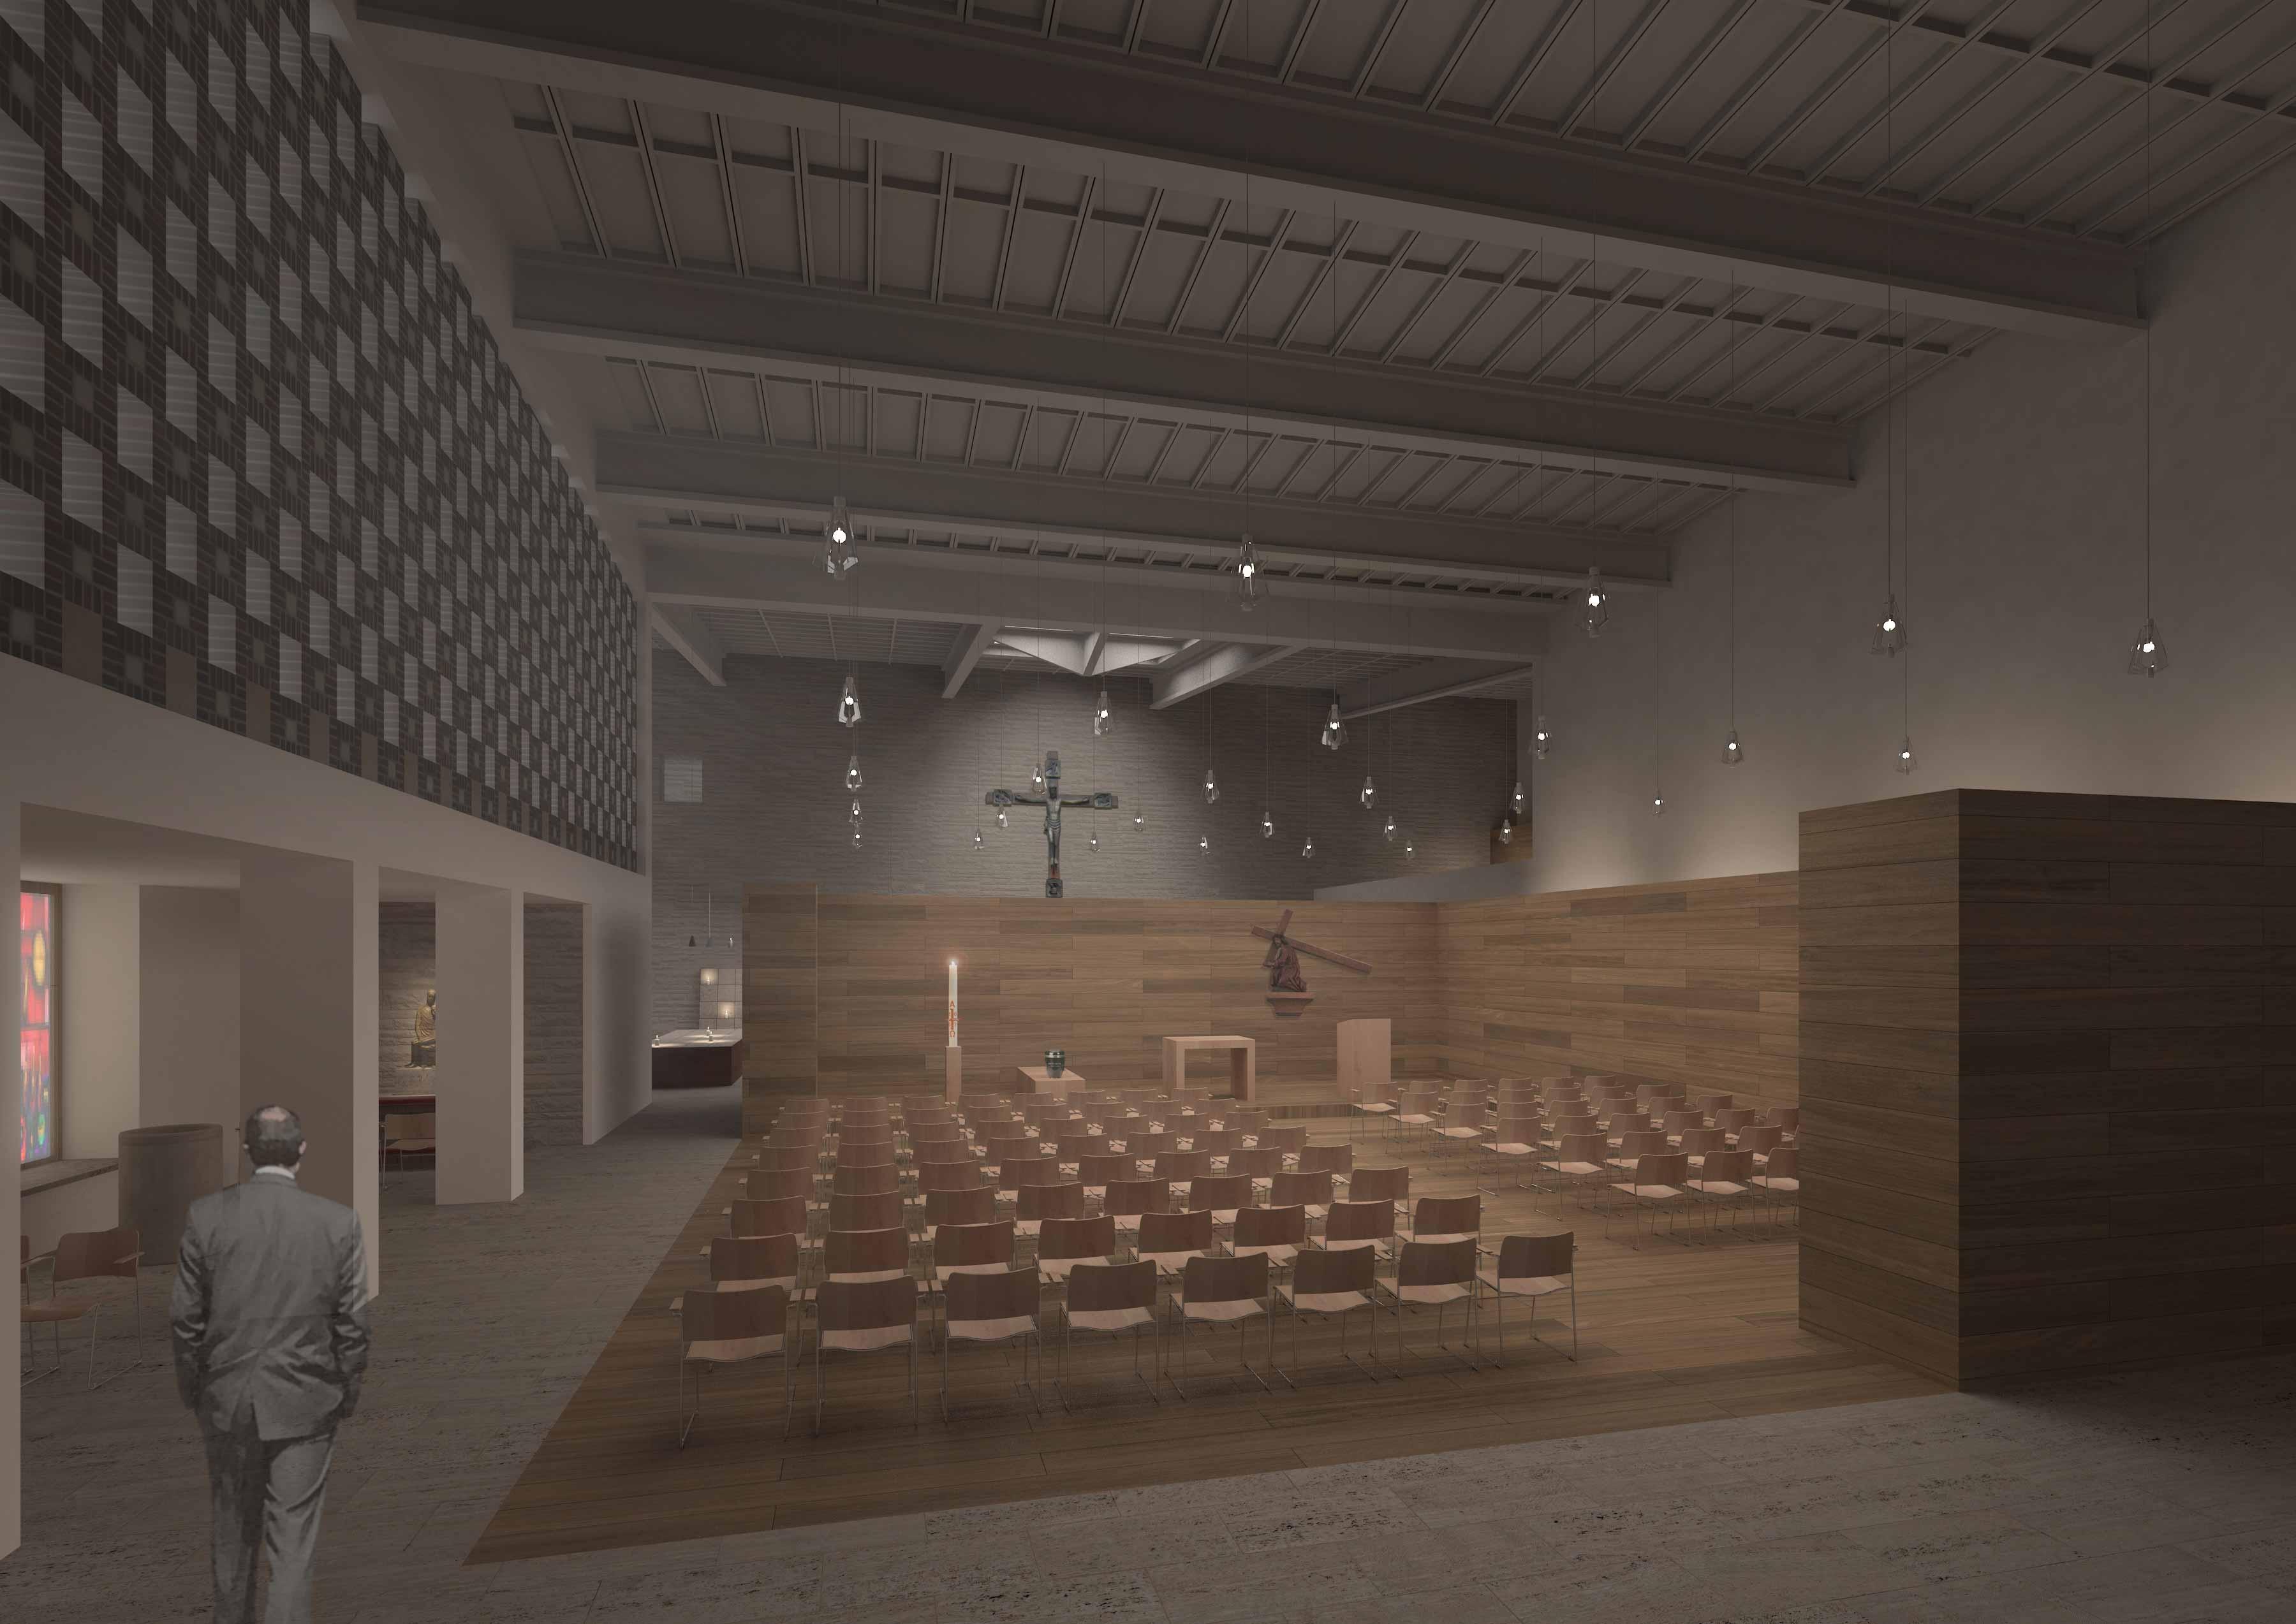 Architekt Rheine result kolumbarium st michael competitionline